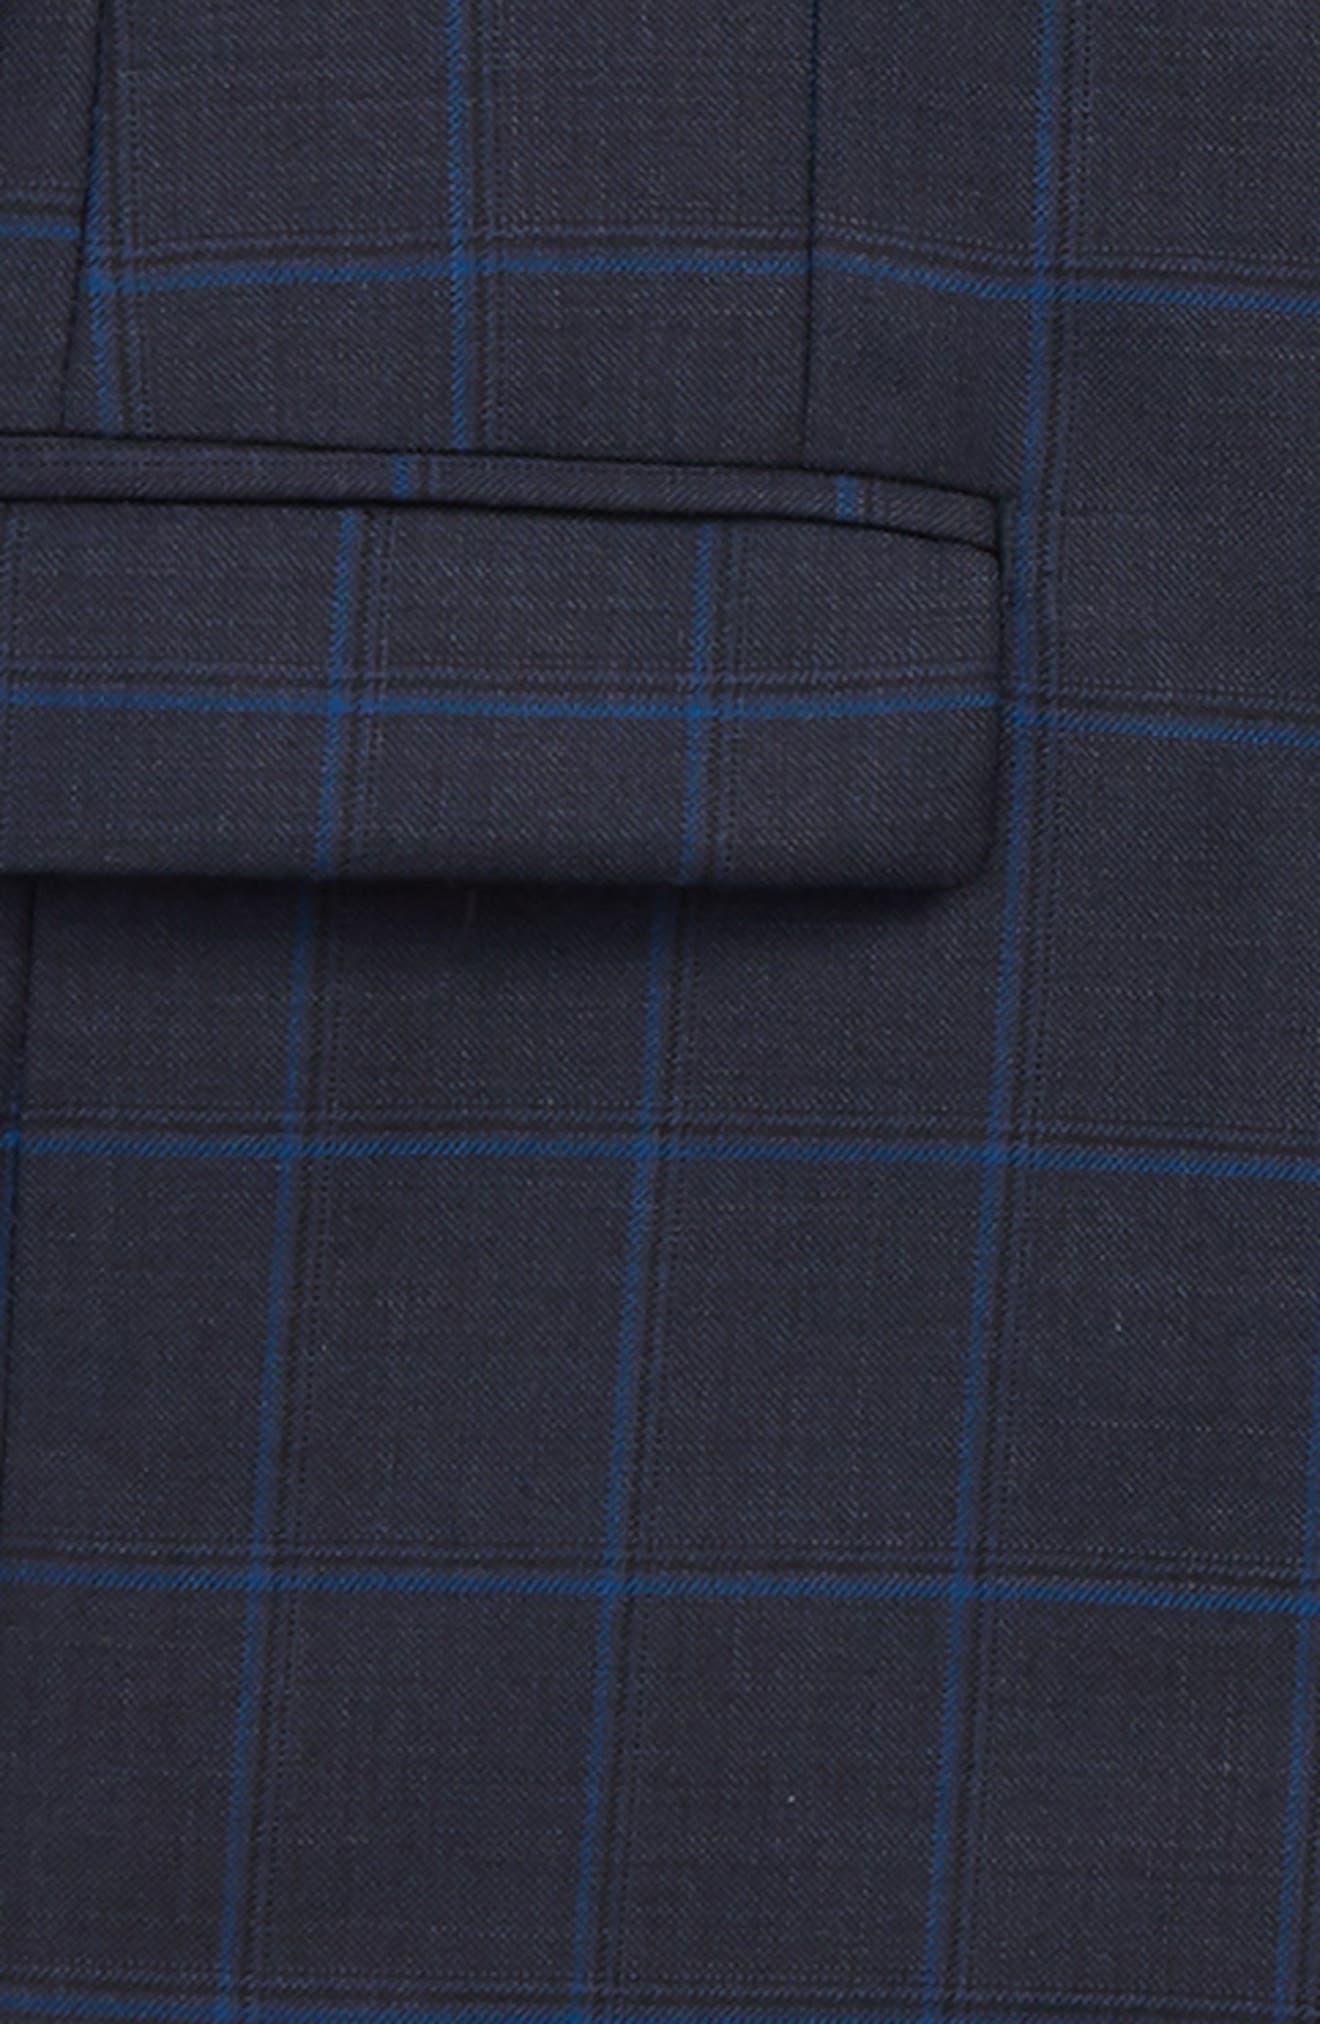 Two-Piece Plaid Wool Suit,                             Alternate thumbnail 2, color,                             BLUE